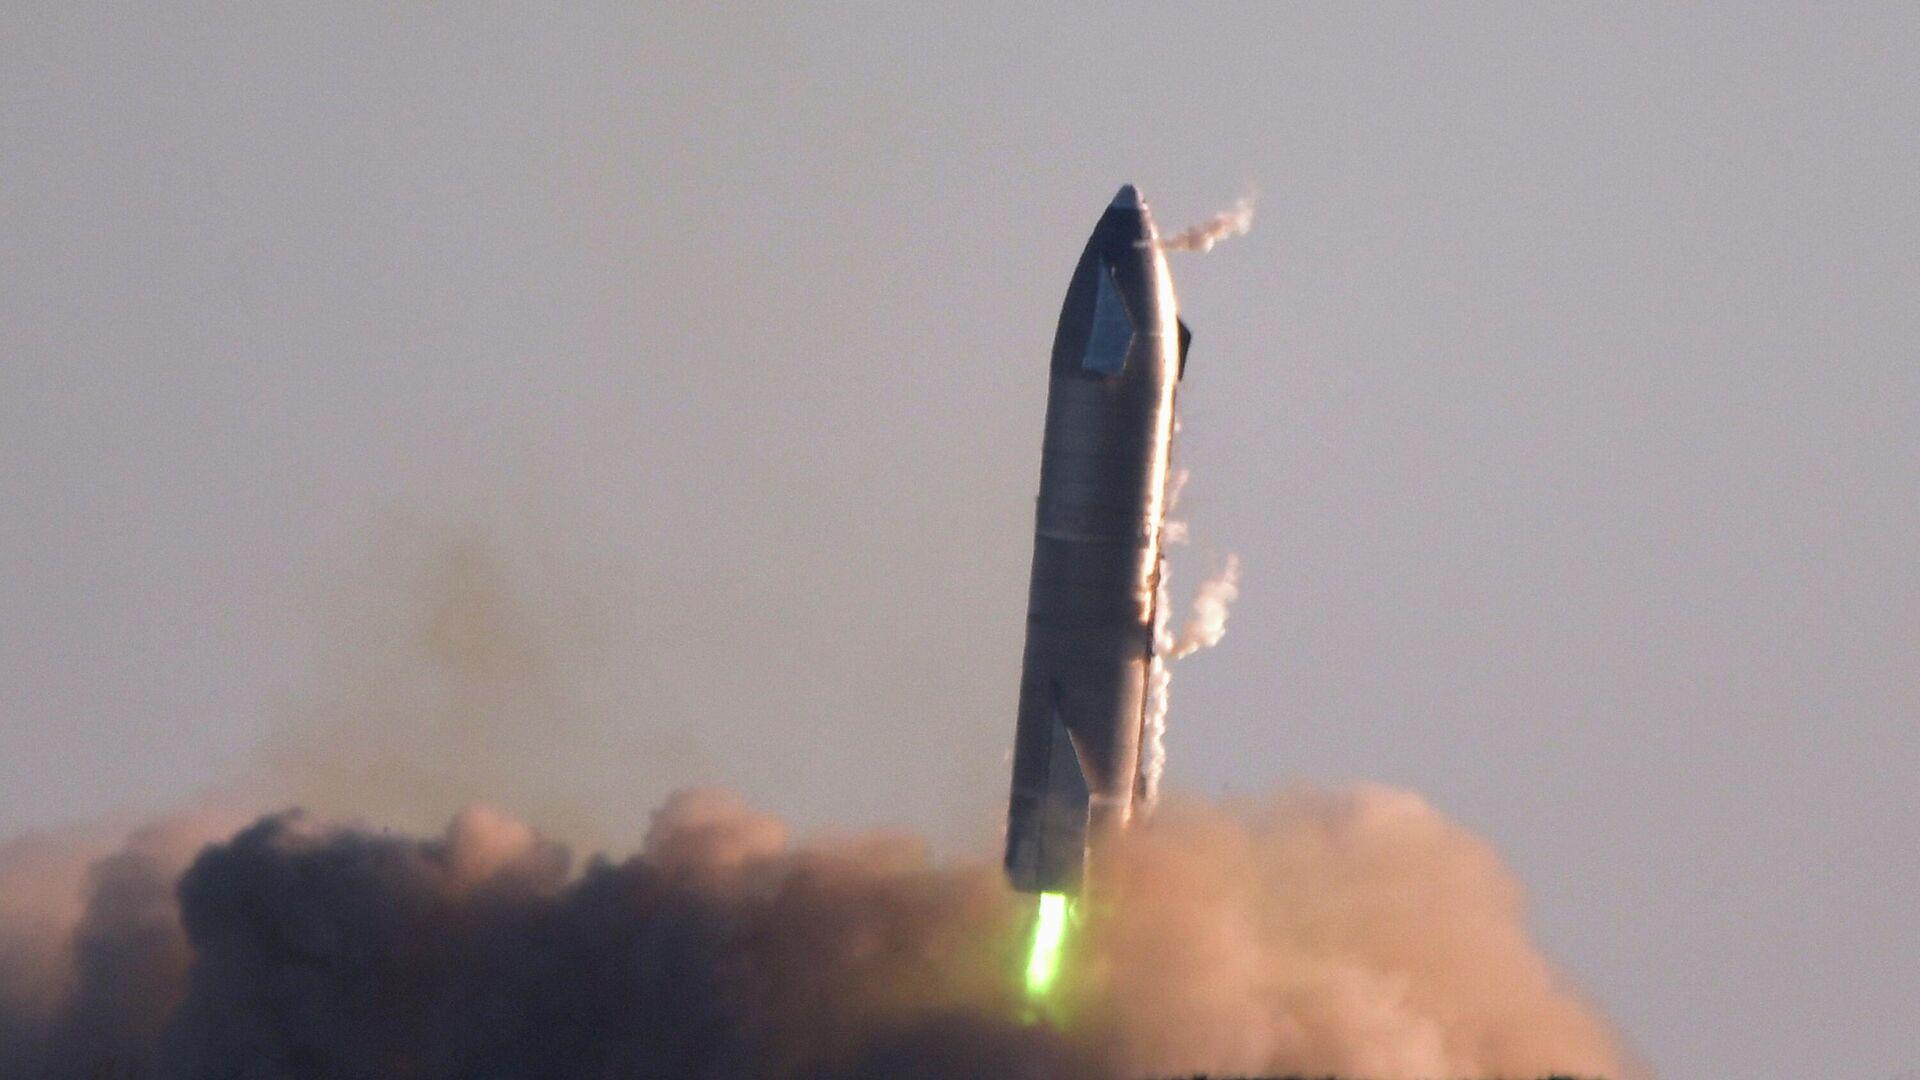 Сверхтяжелая ракета Starship SN8 компании SpaceX перед взрывом во время попытки обратной посадки в Бока-Чика - РИА Новости, 1920, 10.12.2020